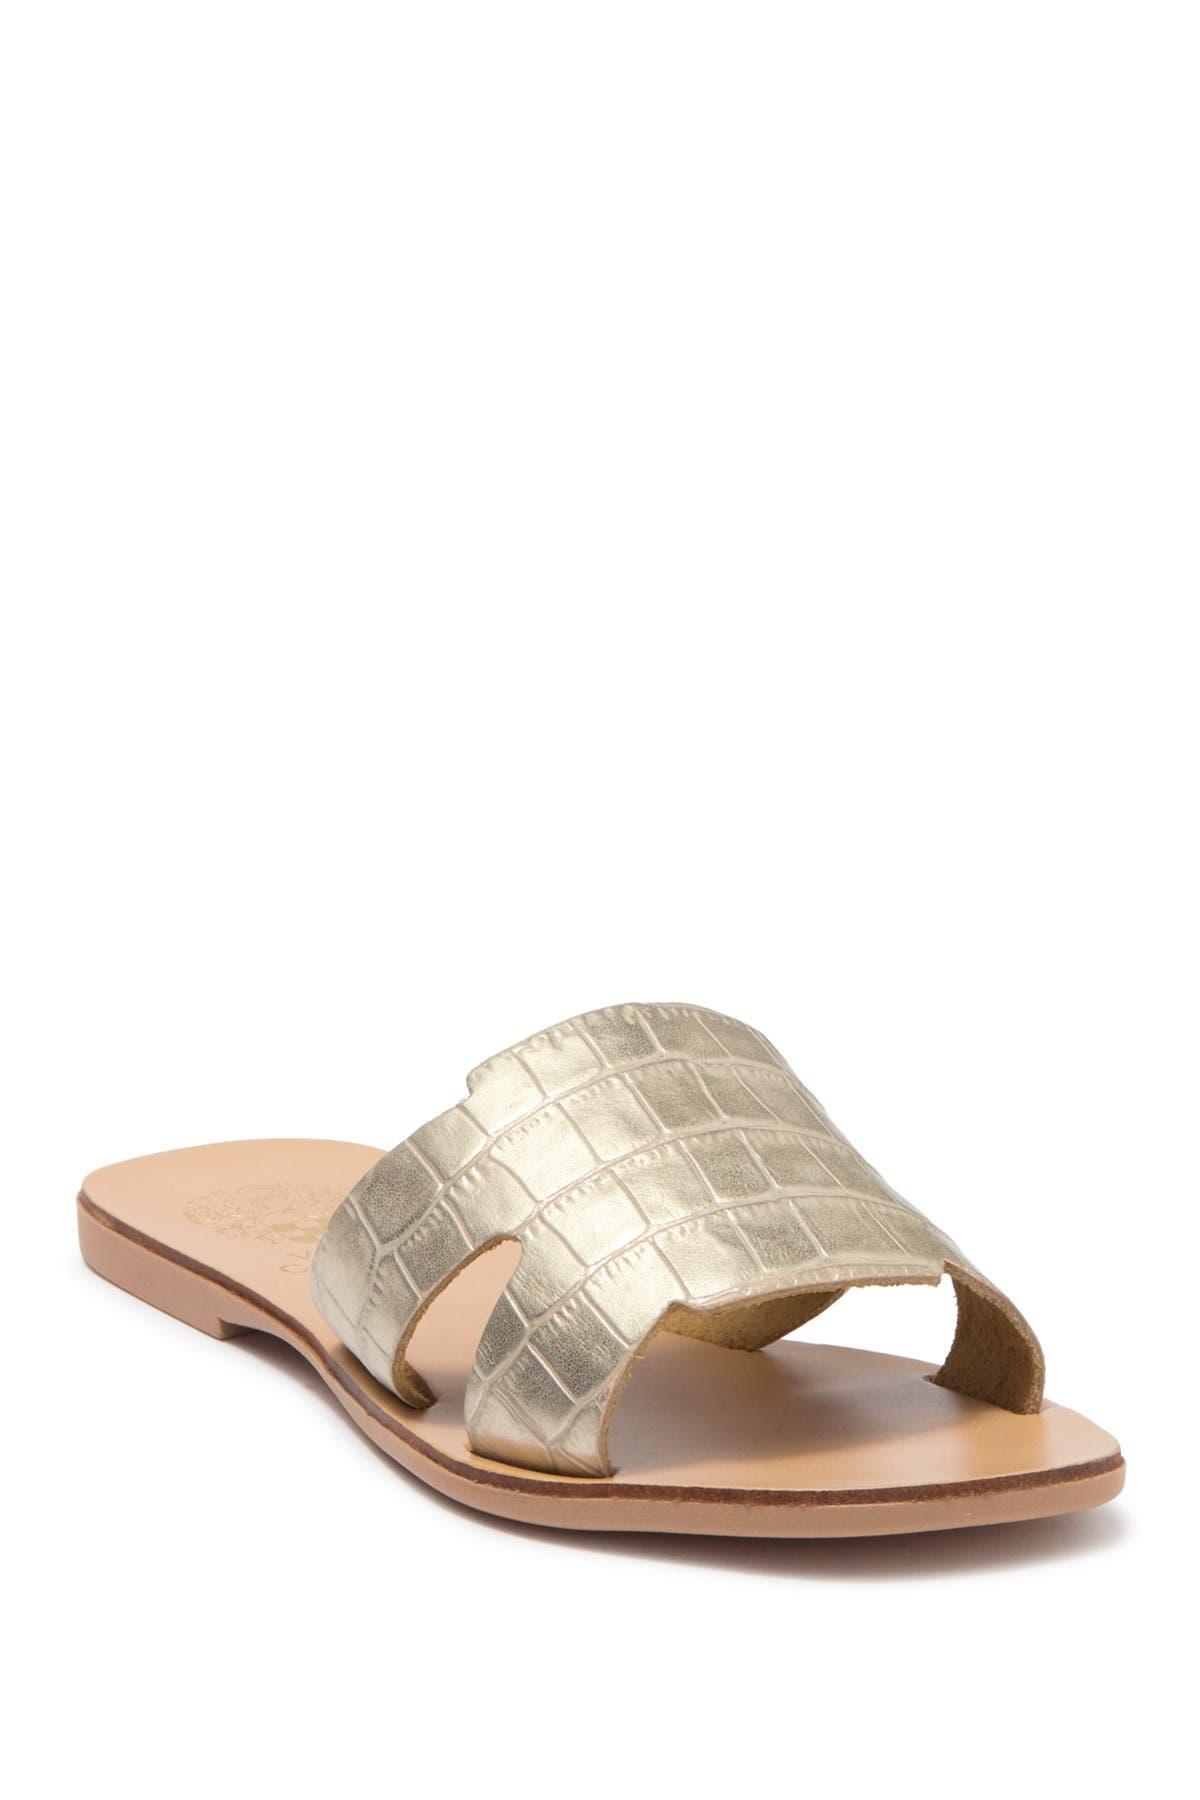 Image of Vince Camuto Keandie Slide Sandal